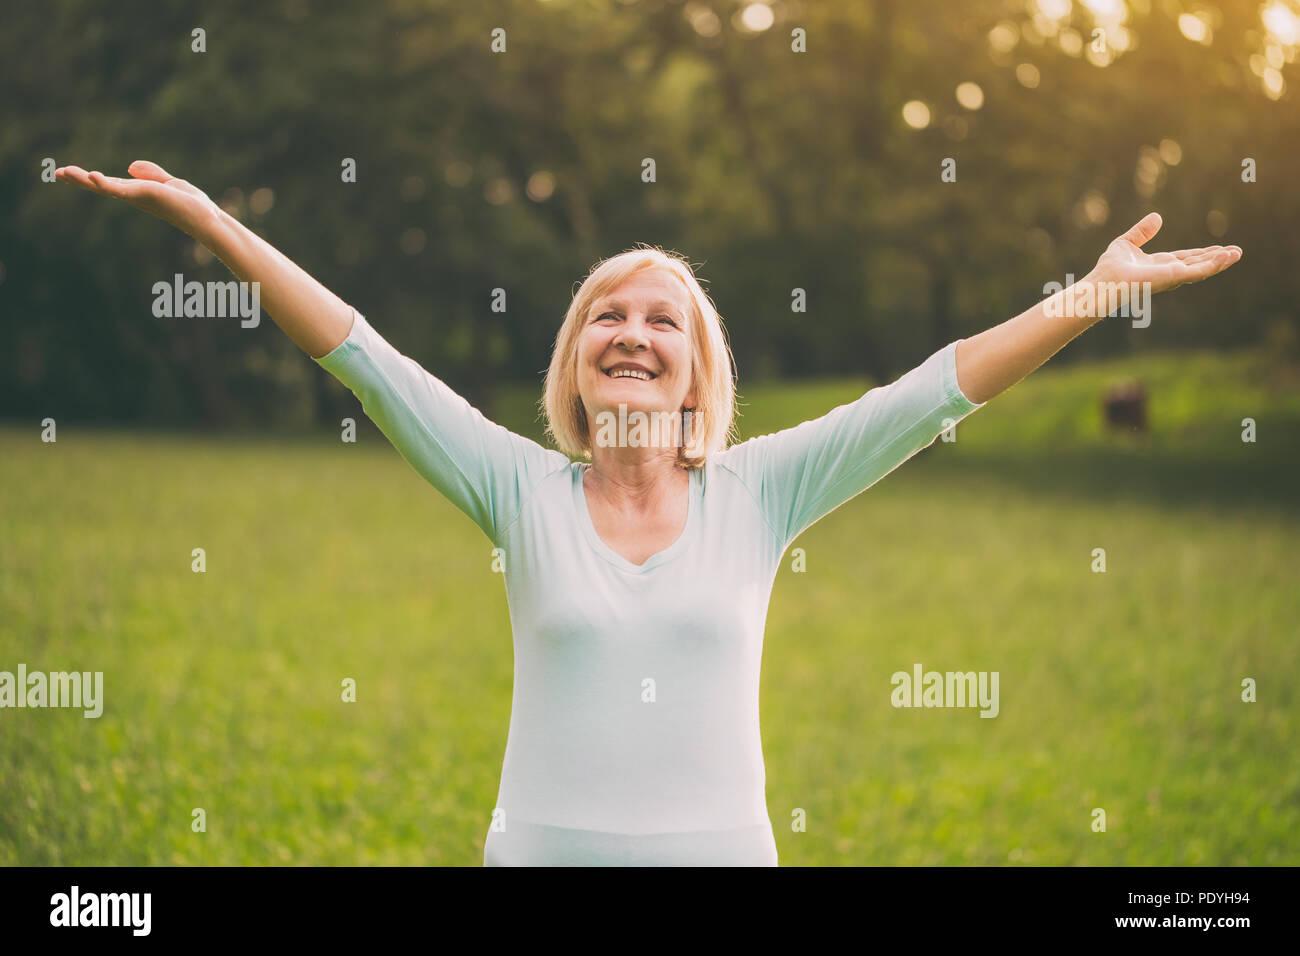 Senior donna gode con le braccia aperte in natura.Immagine è intenzionalmente tonica. Immagini Stock